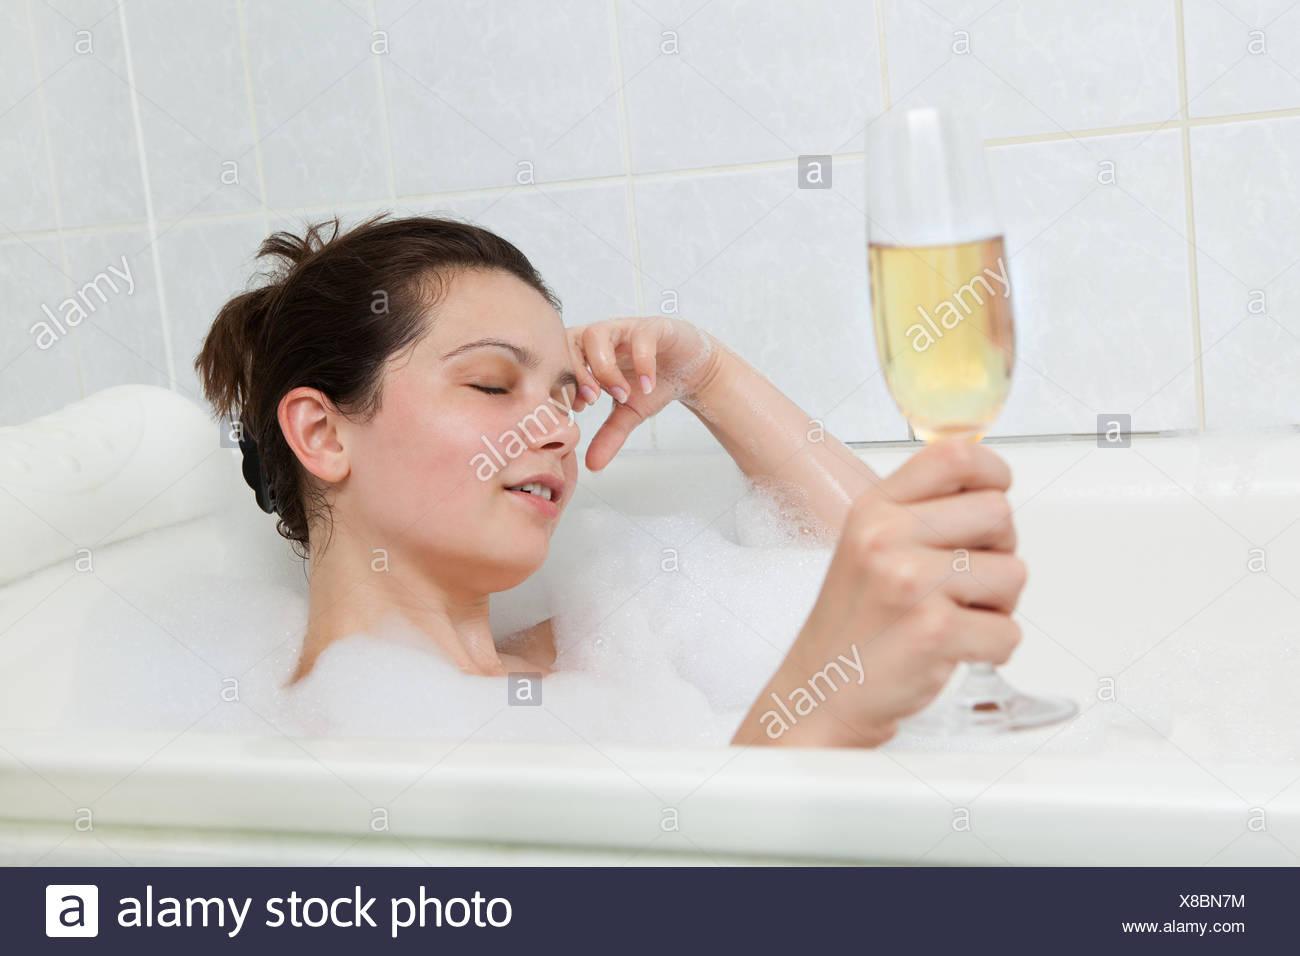 Ritratto Di Una Donna Nella Vasca Da Bagno Bevendo Champagne Foto Stock Alamy